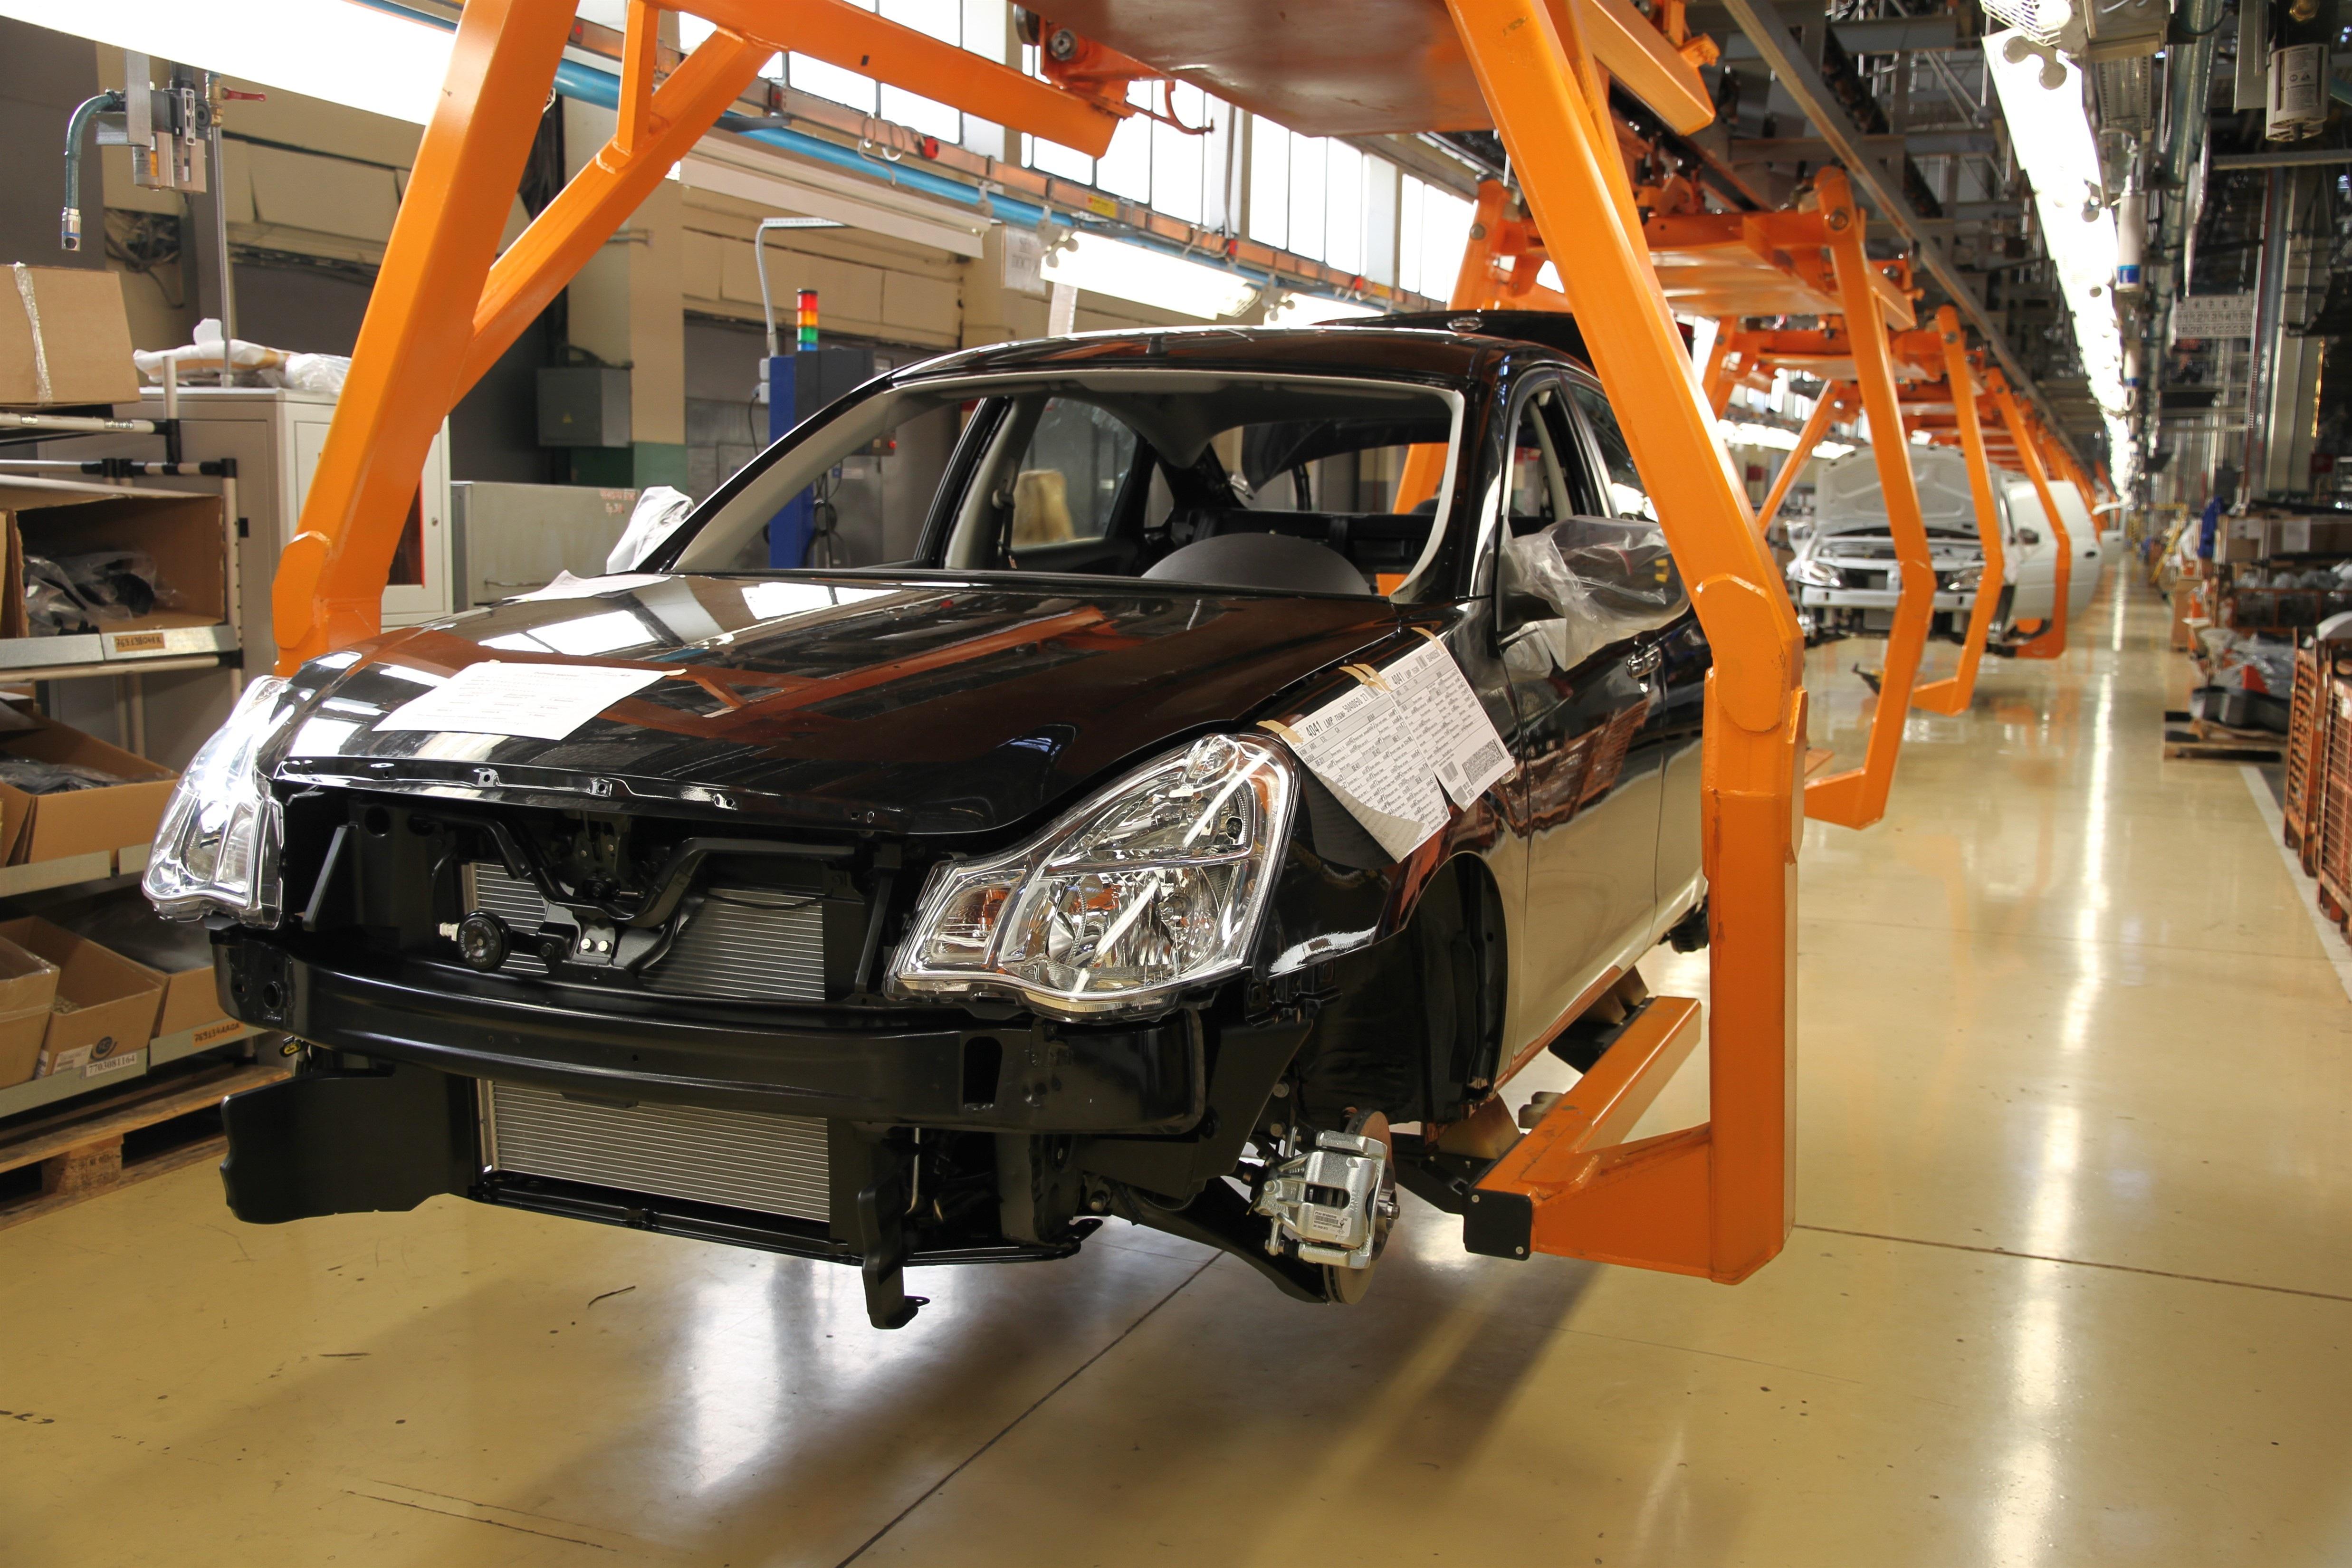 Dây chuyền tại nhà máy AutoVAZ lắp ráp mẫu Renault đầu tiên cho thị trường Việt Nam - Russia Beyond The Headlines